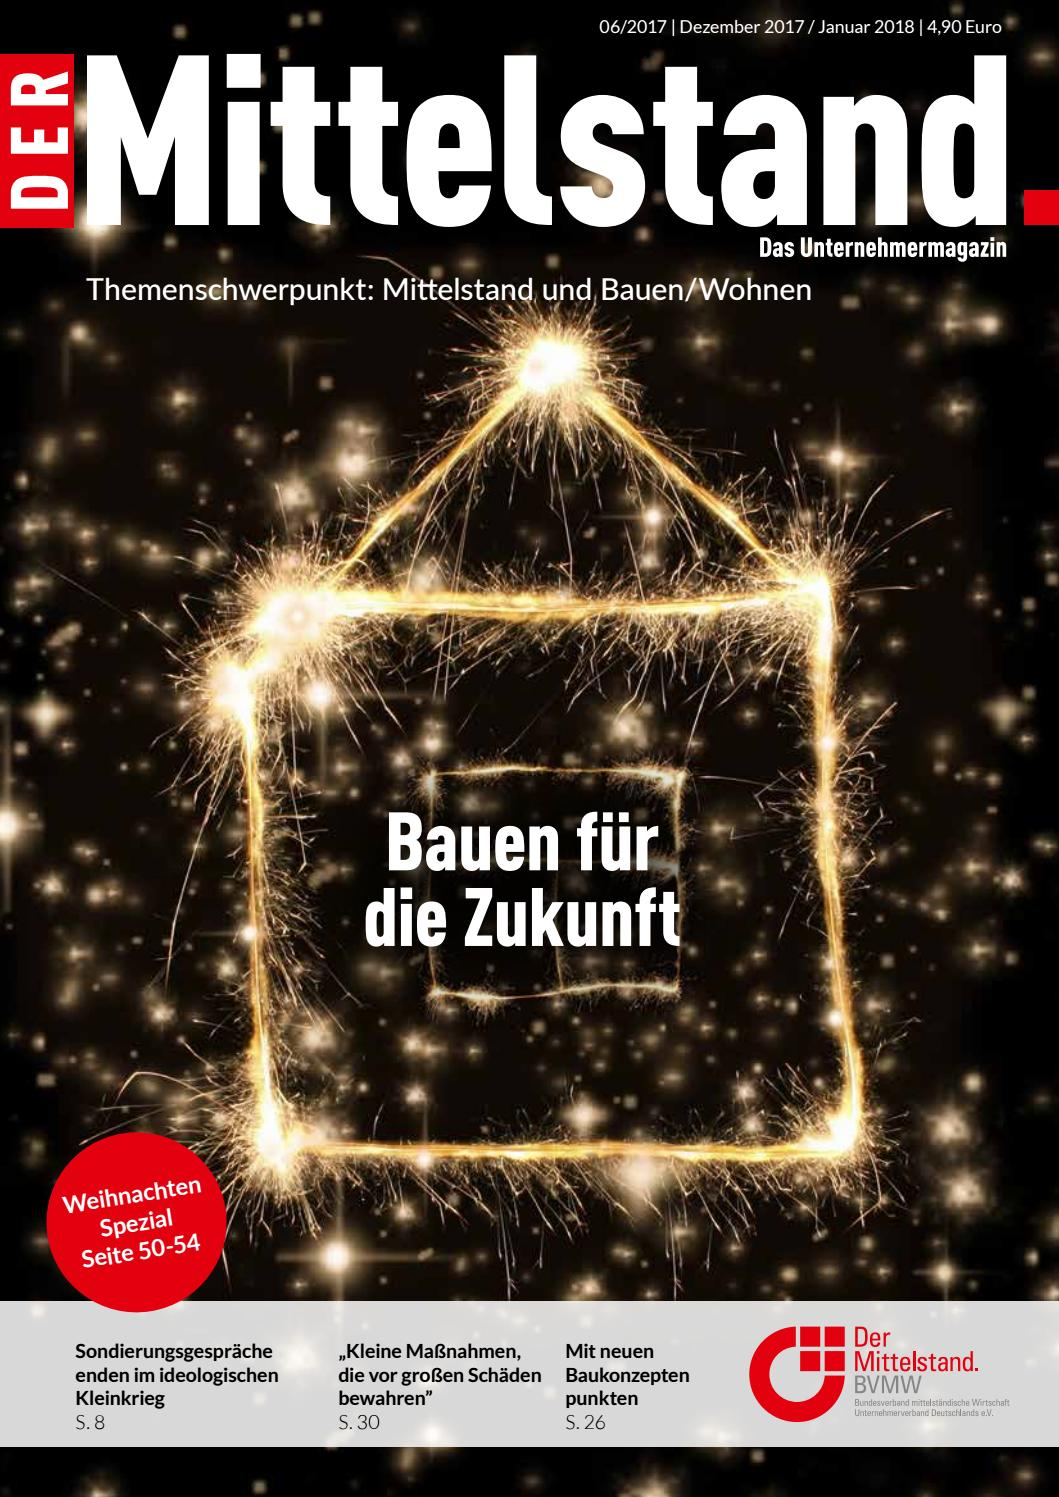 DER Mittelstand. Ausgabe 06/2017 by mattheis werbeagentur gmbh - issuu